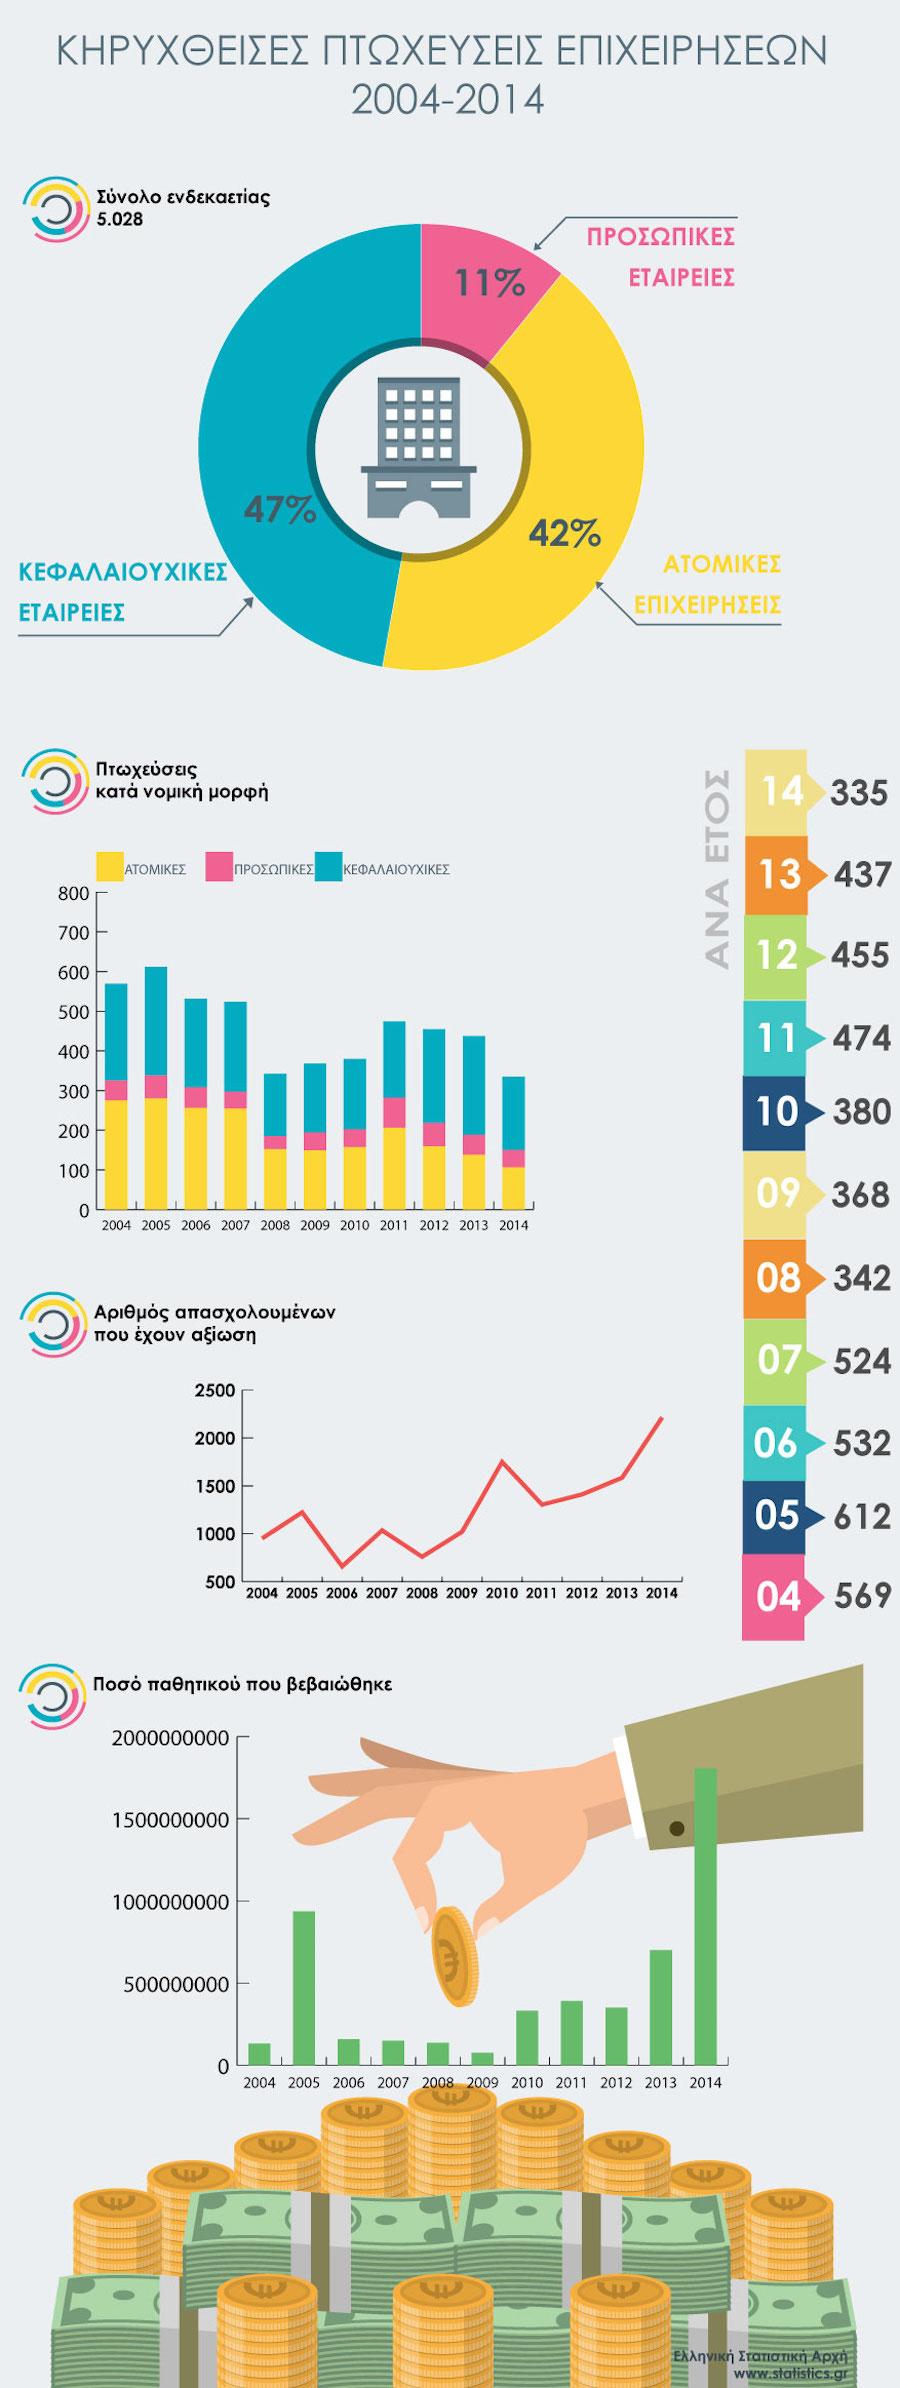 ELSTAT-bankruptcies--GR πτωχευσεις επιχειρήσεων